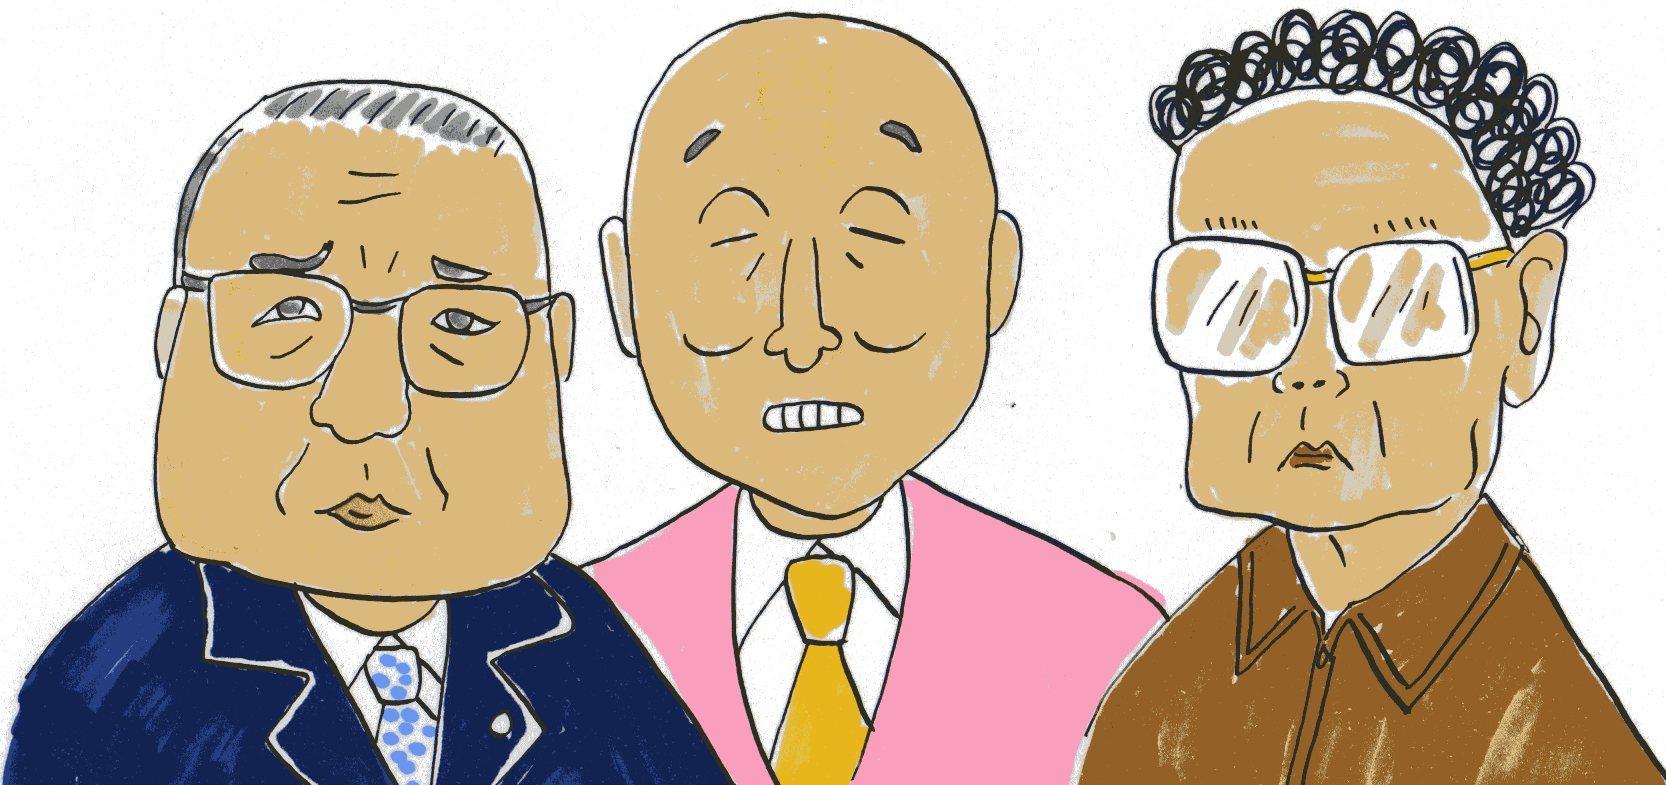 、「北朝鮮が日本国内に工作員ネットワークを作るなら、当然、在日人脈のある組織をターゲットにする」